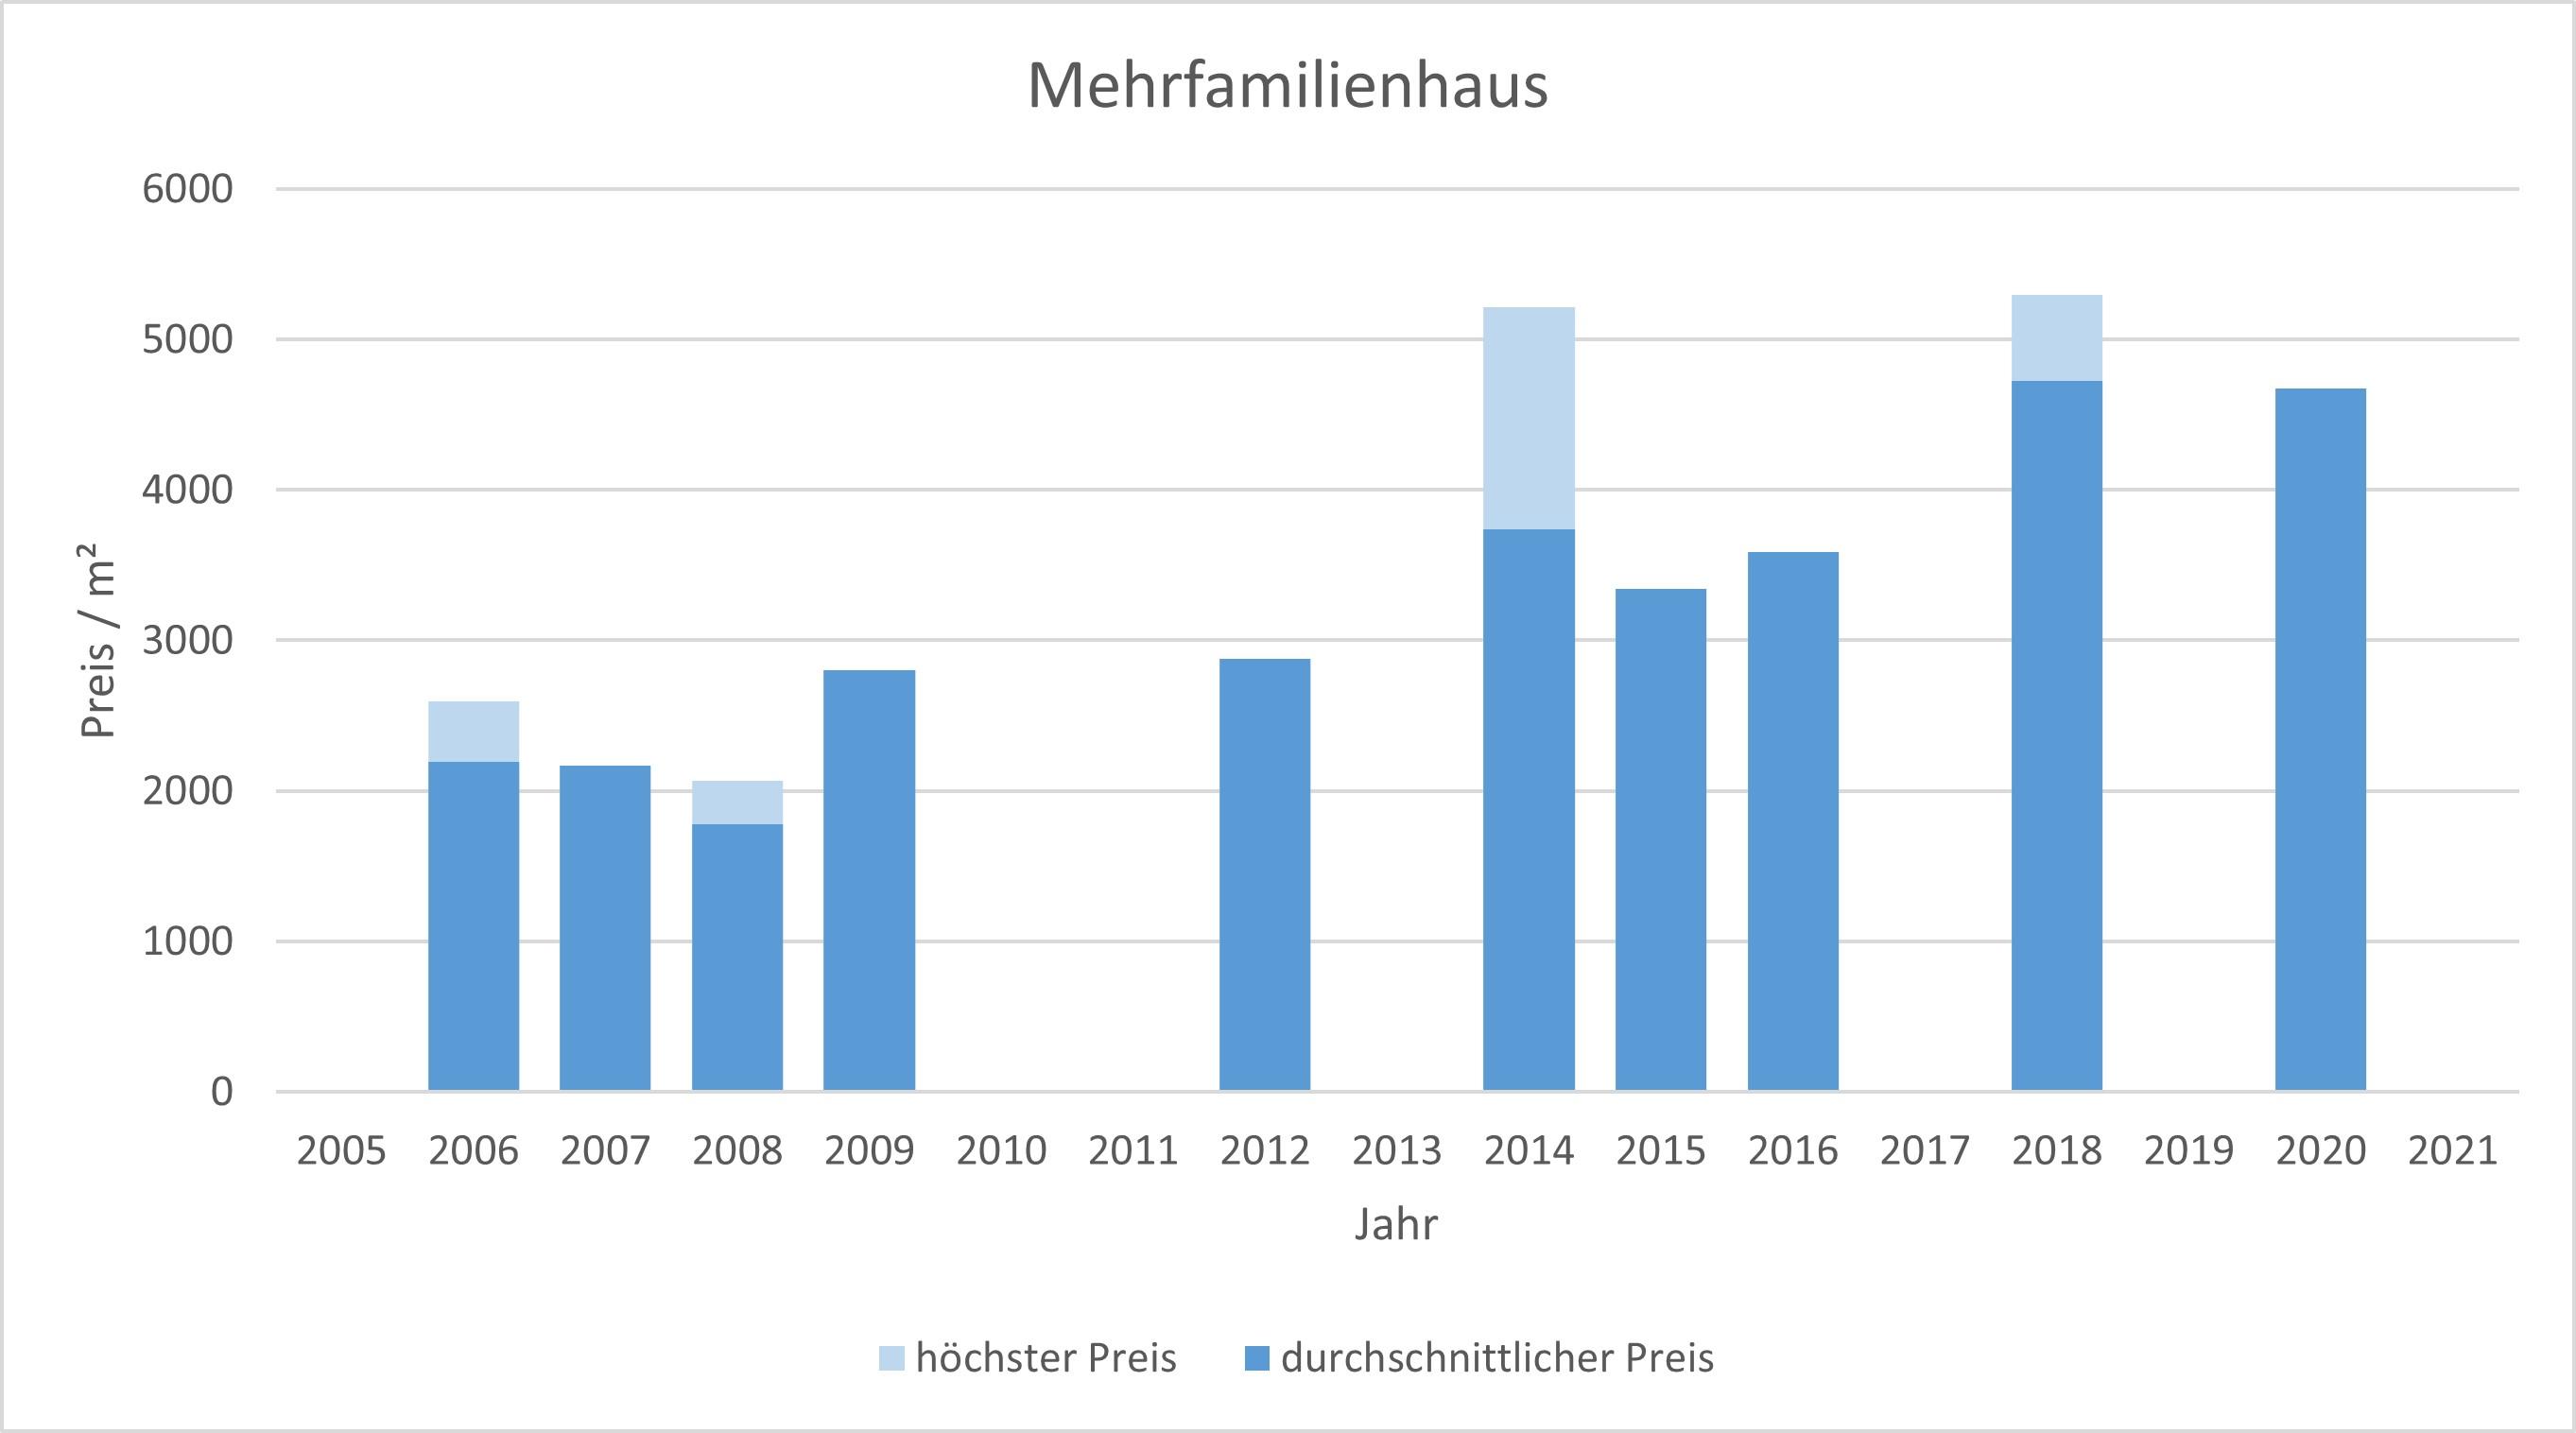 Putzbrunn mehrfamilienhaus kaufen verkaufen Preis Bewertung Makler 2019 2020 2021 www.happy-immo.de